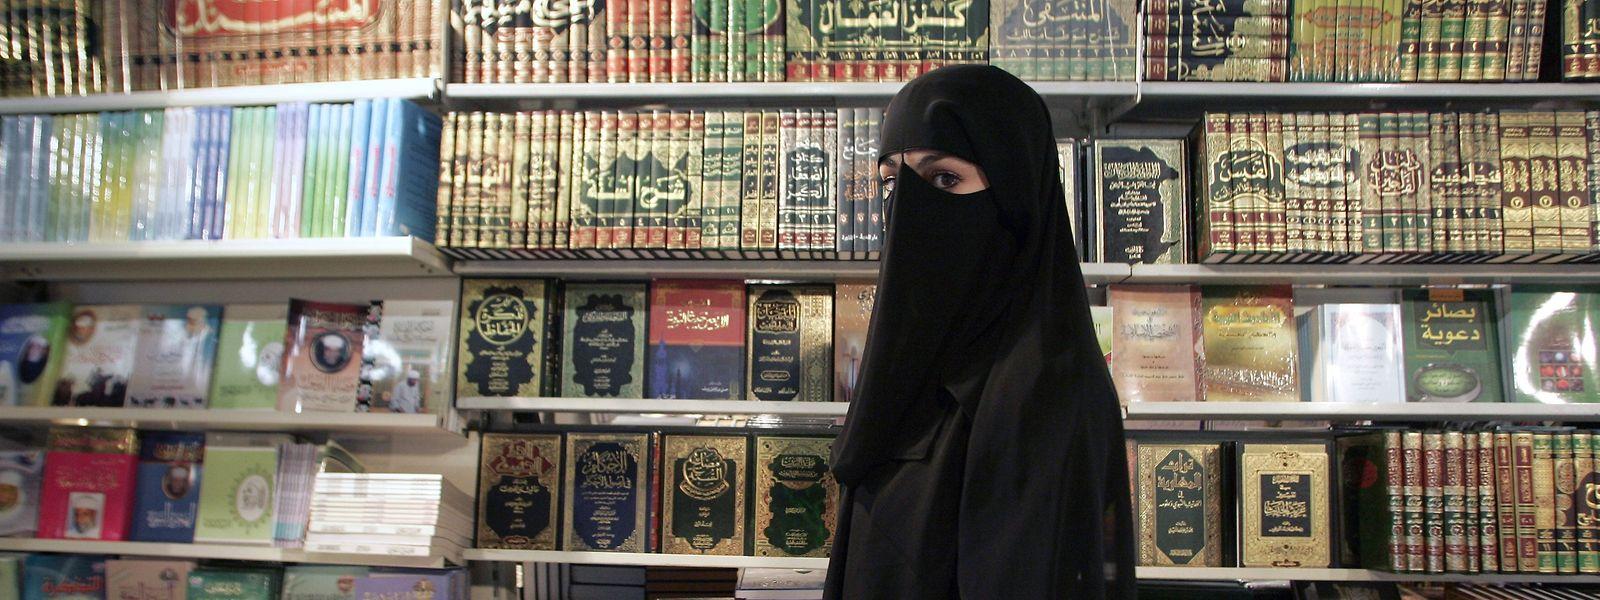 Ein gesetzliches Verbot kann der Frauenrat nachvollziehen.